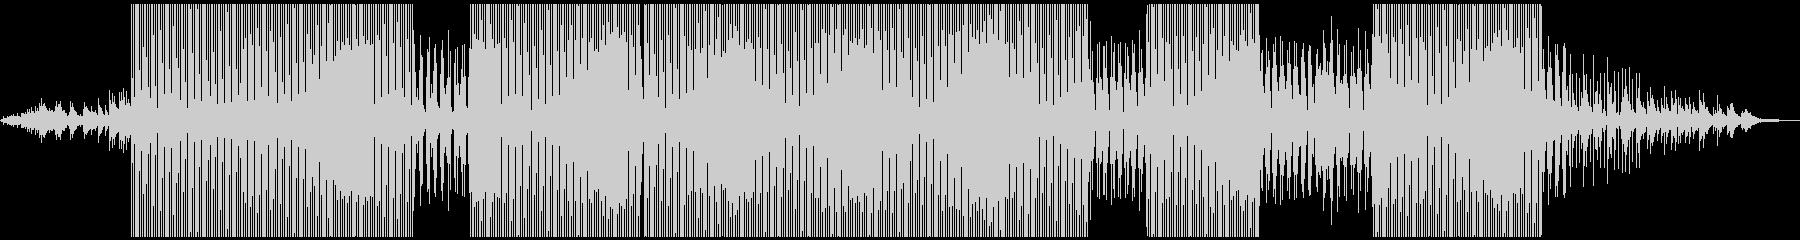 スモーキーでクールなダブテクノの未再生の波形